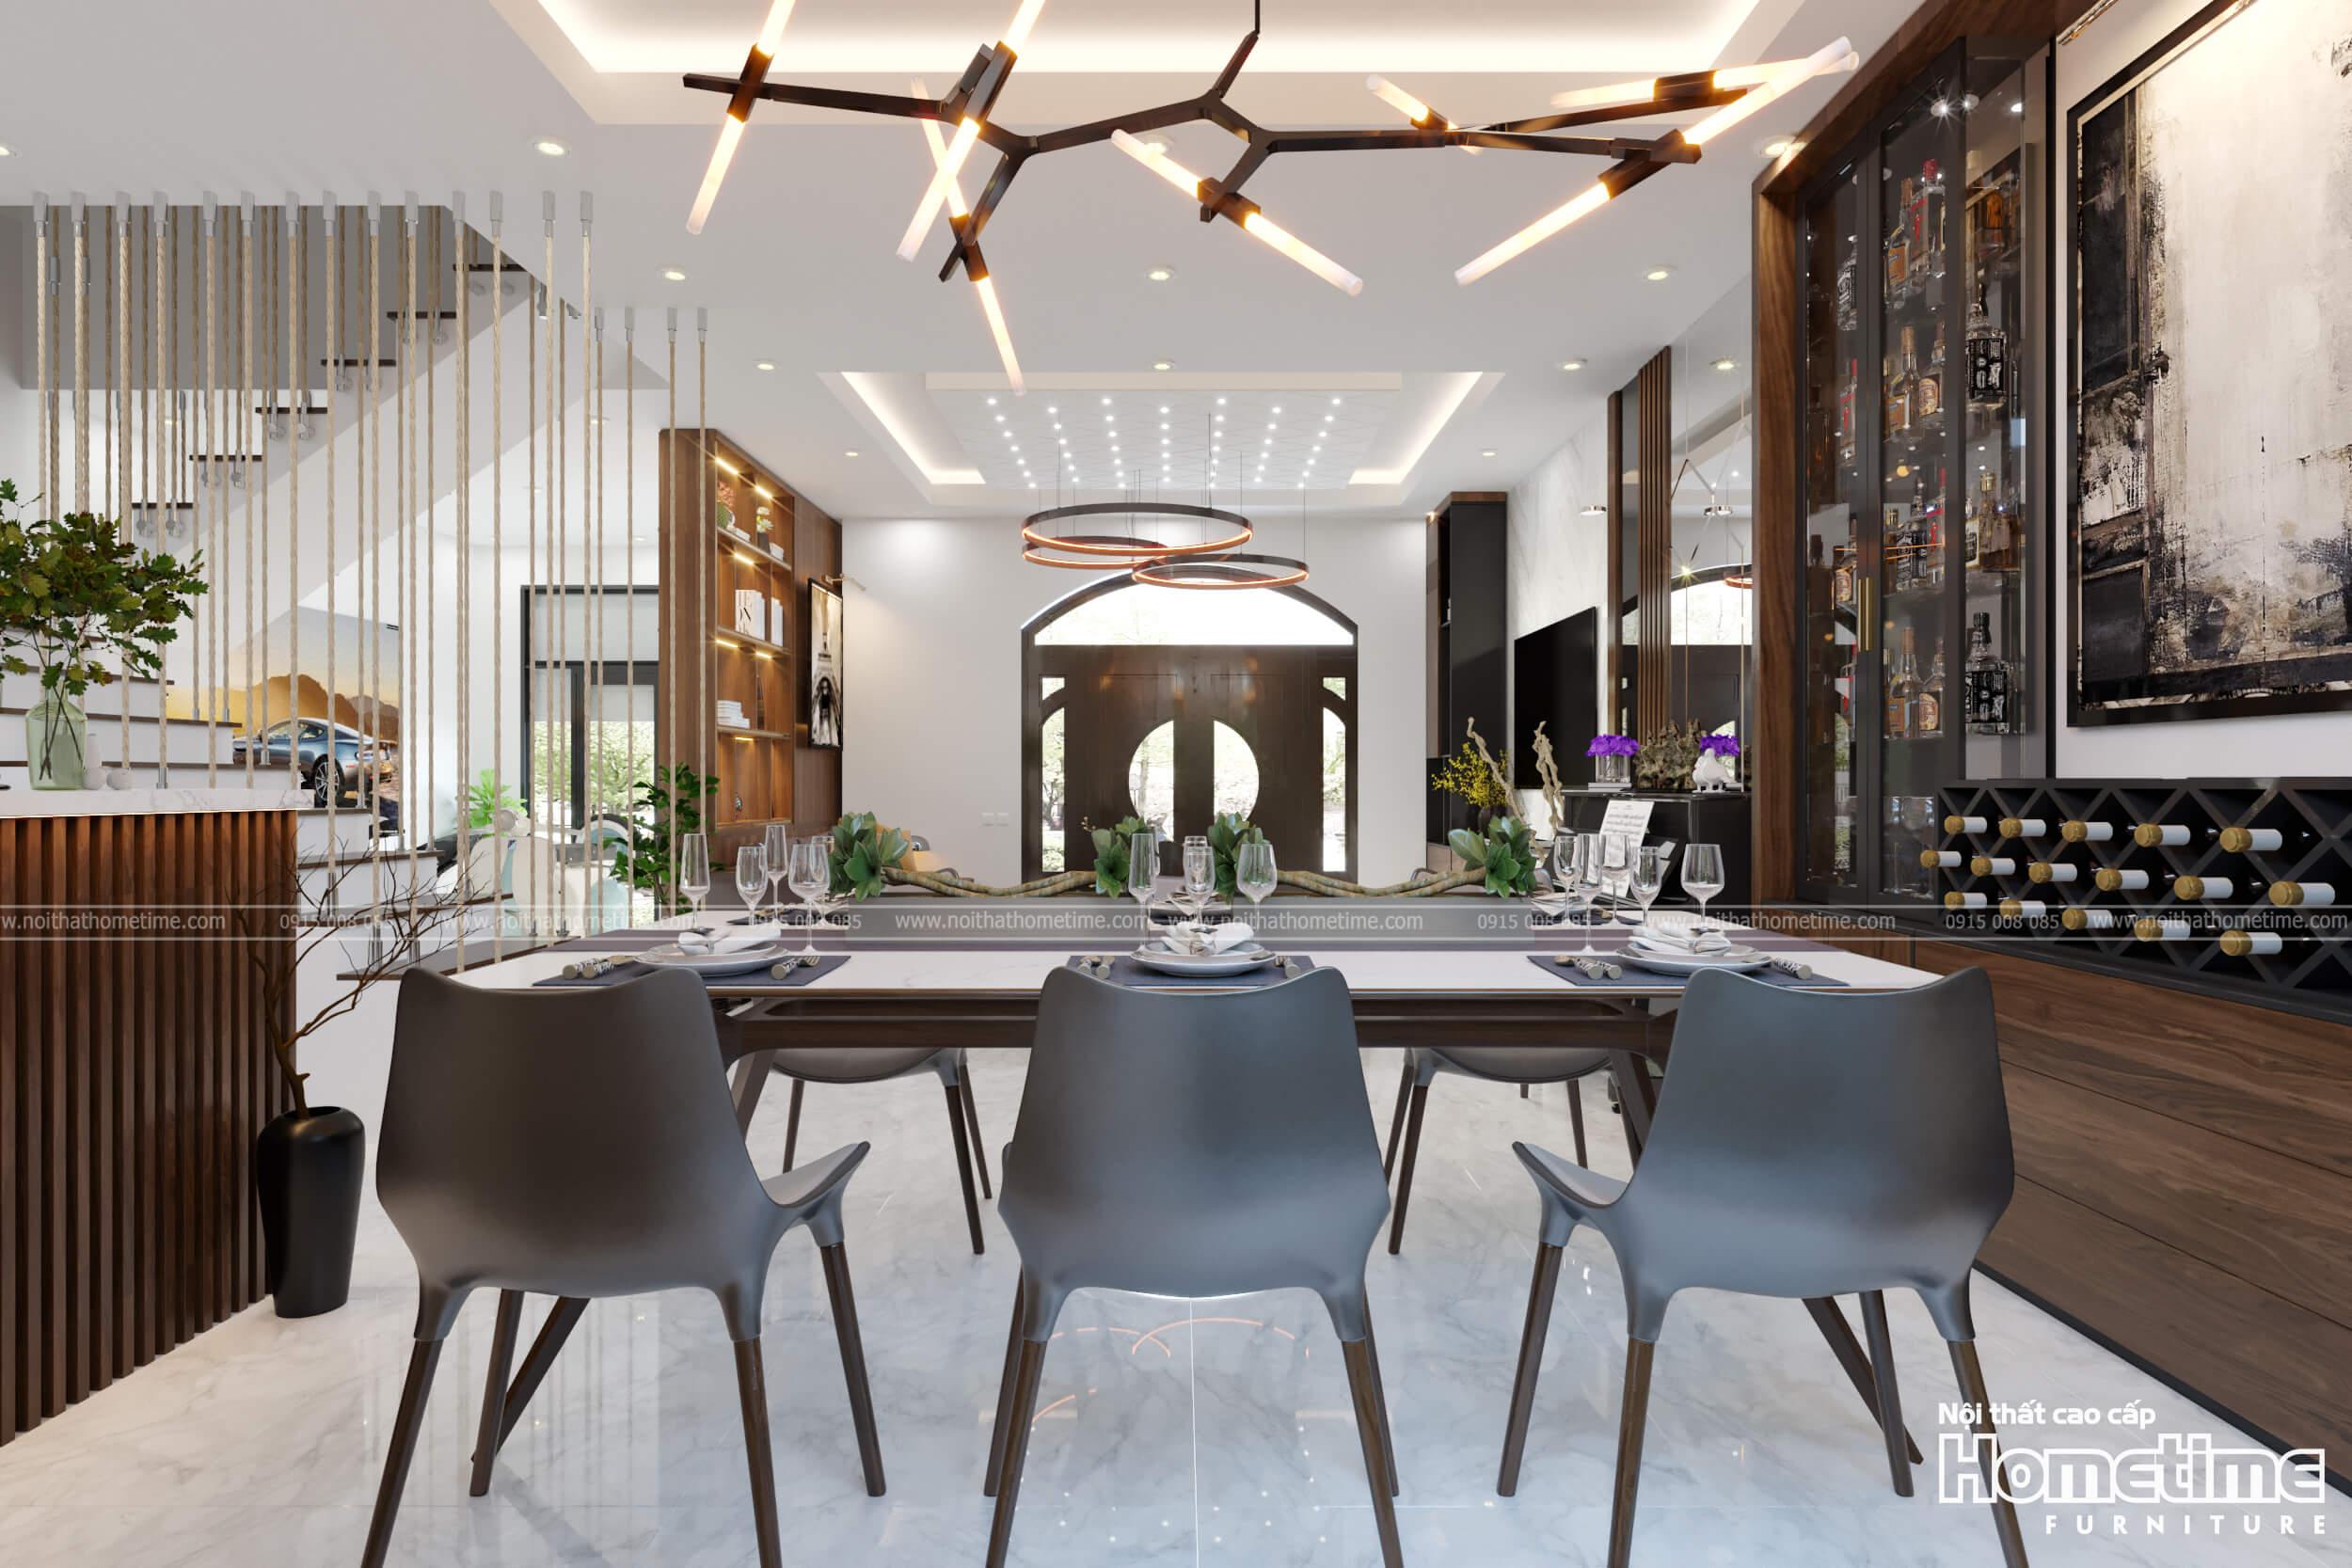 Cận cảnh bộ bàn ăn trong phòng ăn